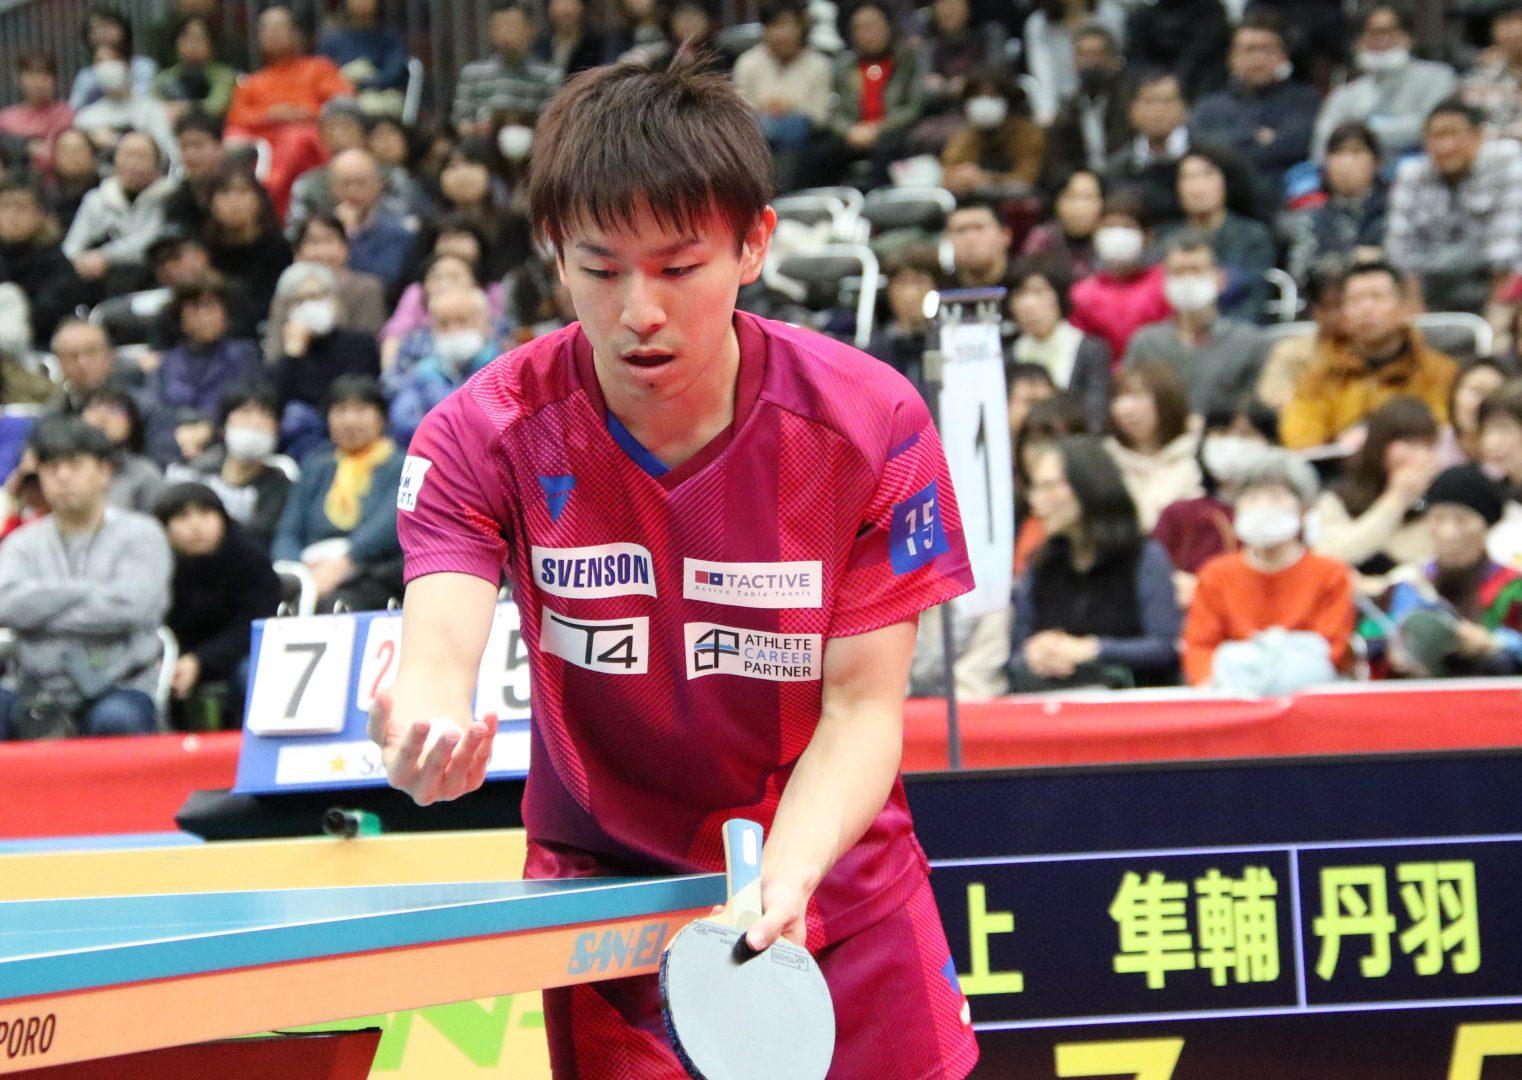 丹羽孝希、高校生王者・戸上に苦杯も「切り替えて頑張りたい」<全日本卓球2020>